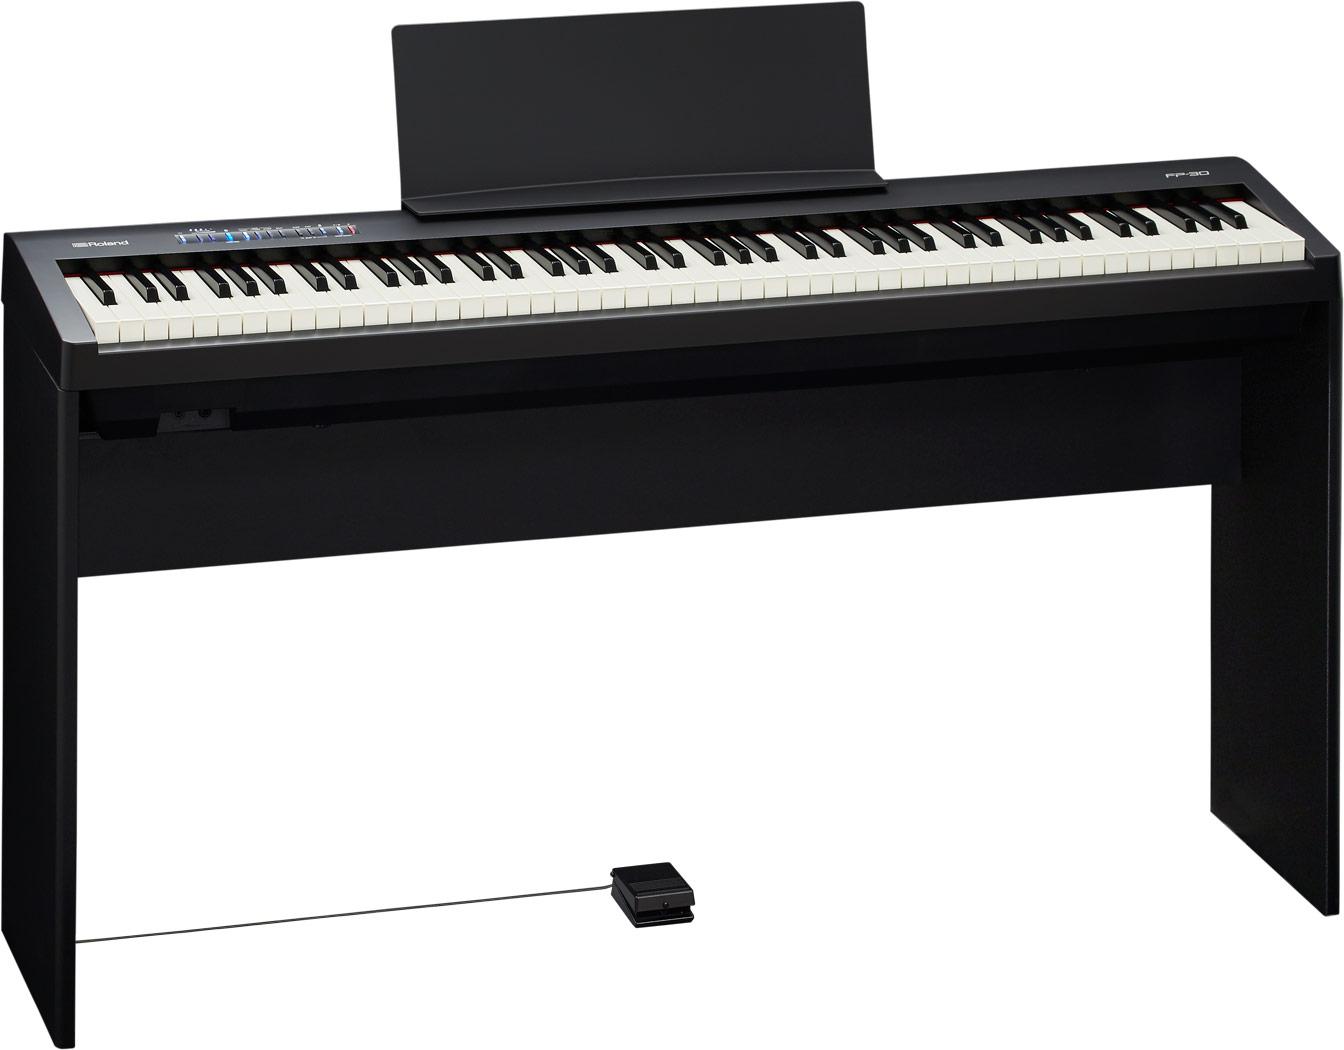 roland fp 30 digital piano rh roland com roland g 70 manual roland e 70 manual